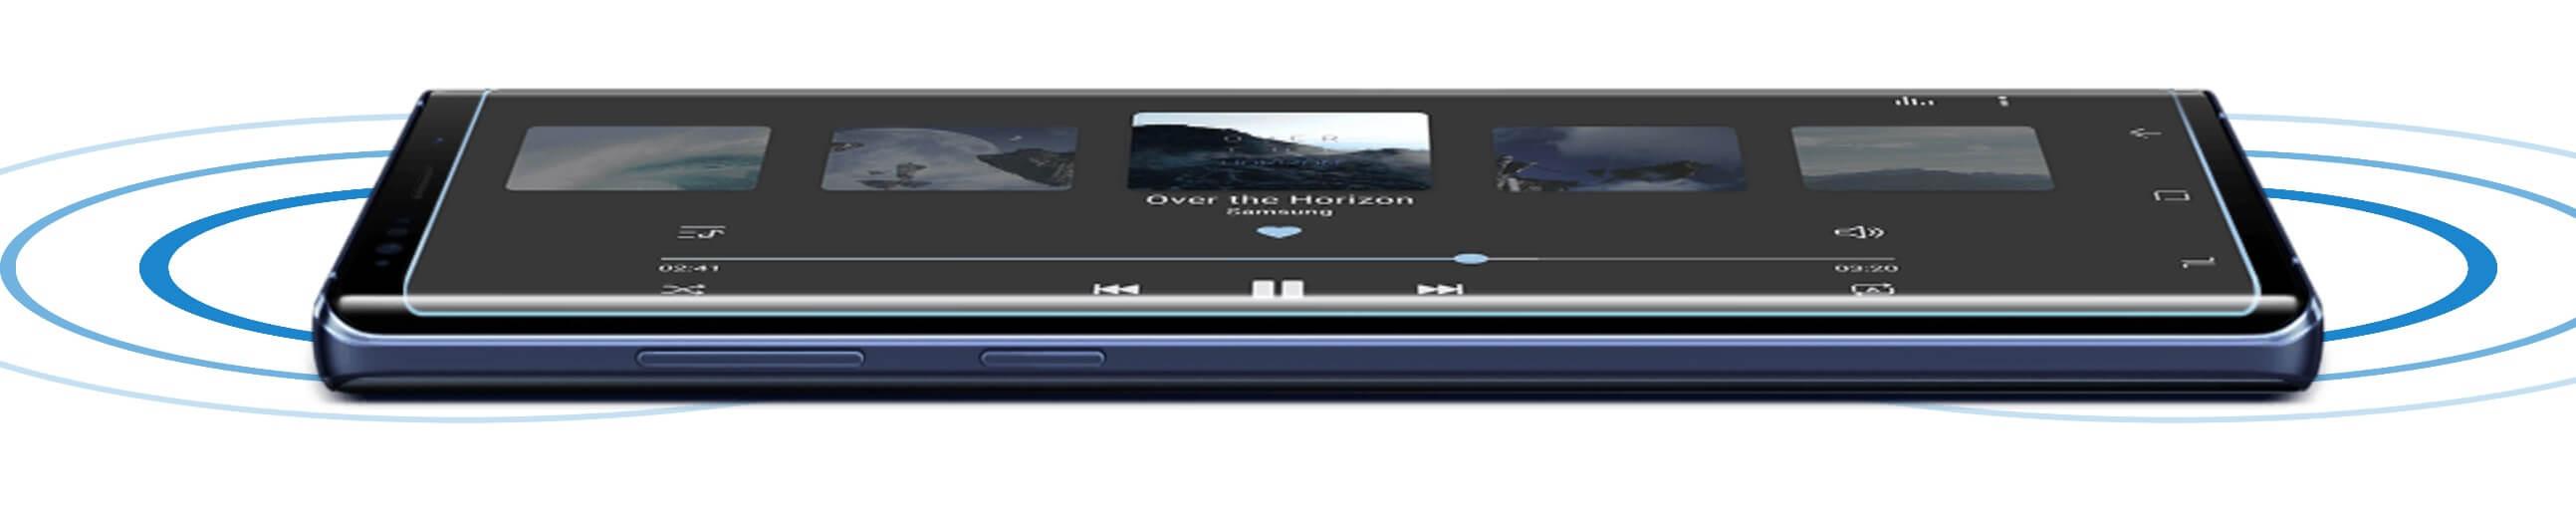 Samsung presenta el Galaxy Note 9 y te lo mostramos al completo 2